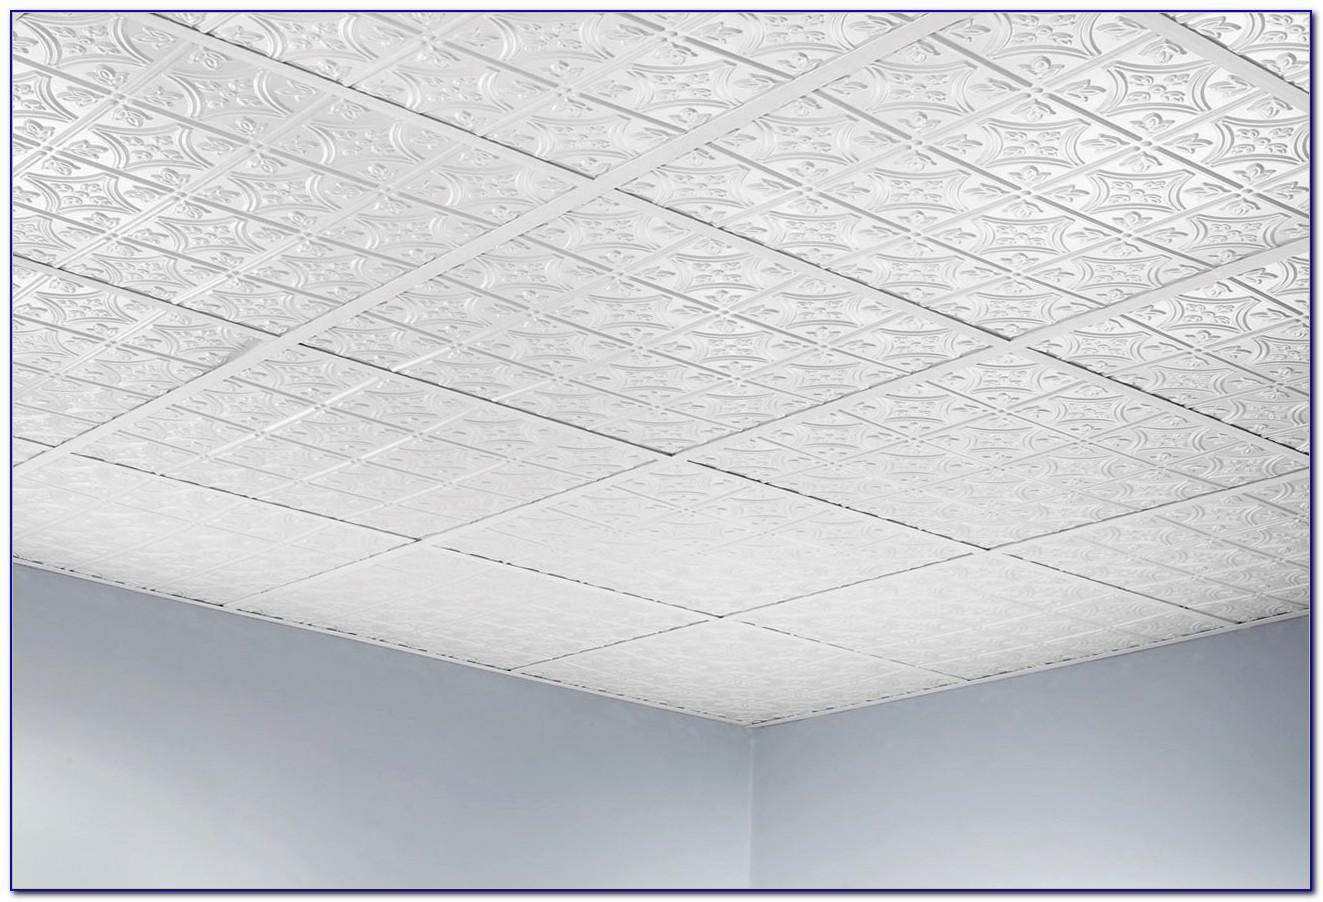 2'x2' Acoustical Ceiling Tiles